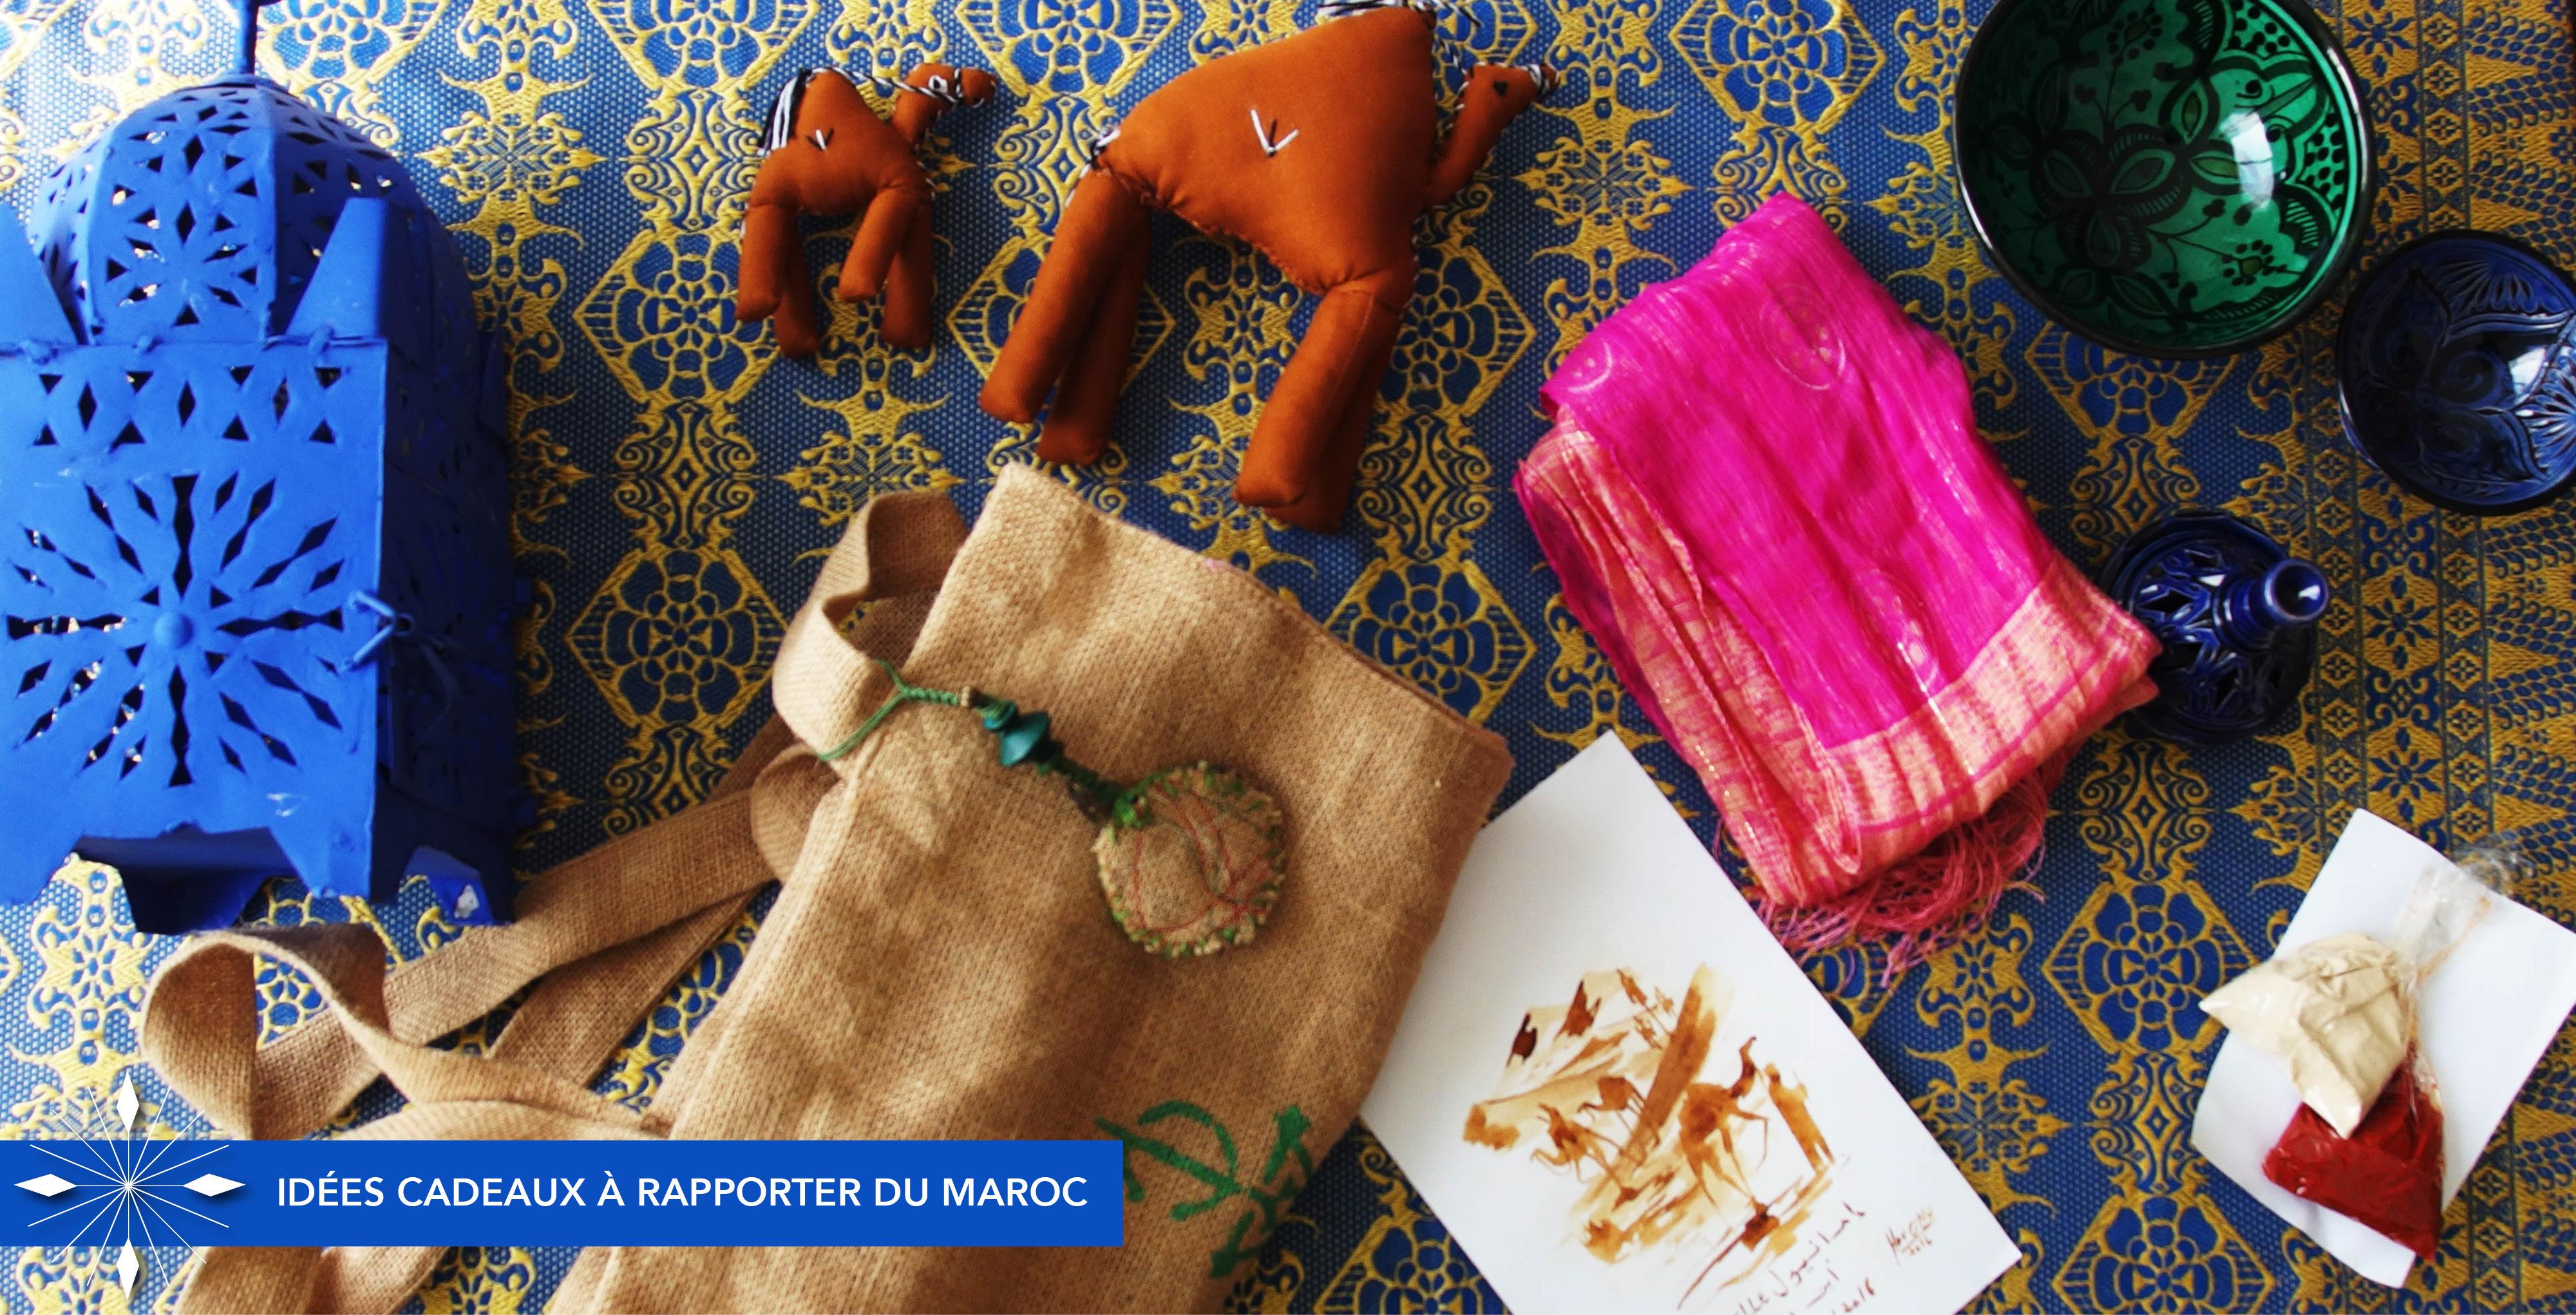 Idées de cadeaux originaux à rapporter du Maroc